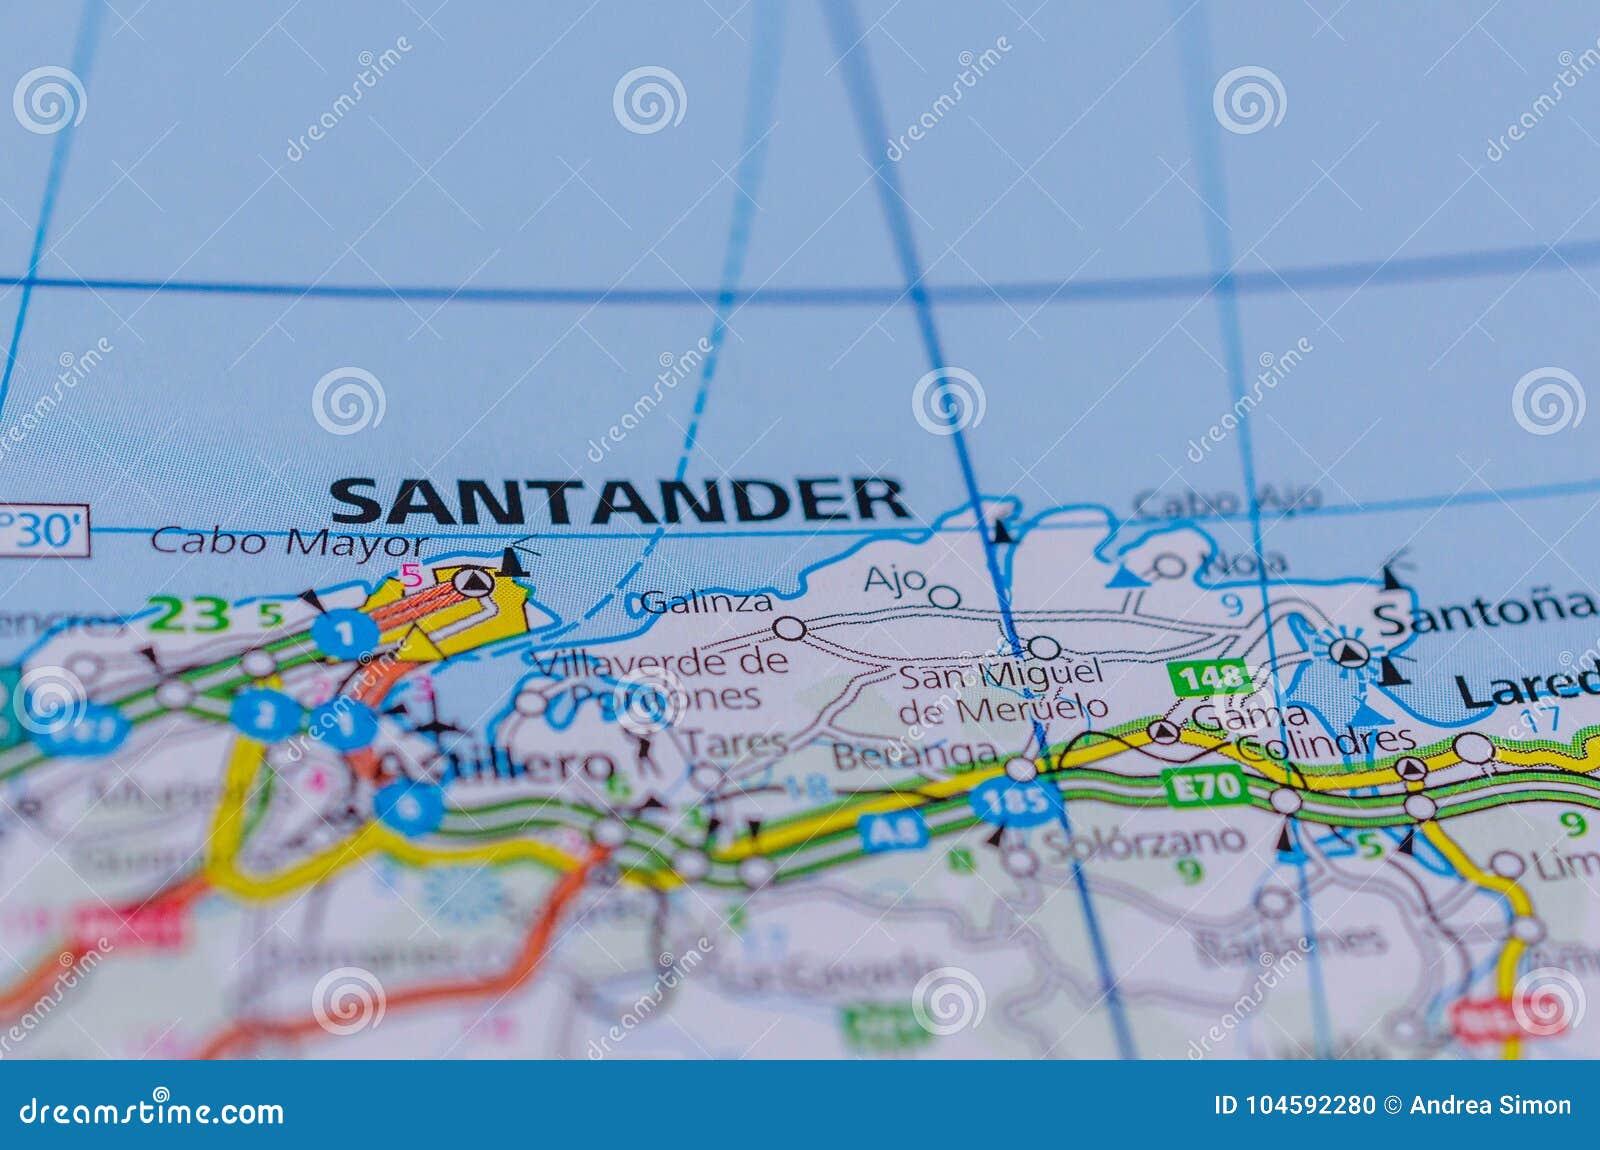 Santander Auf Karte Stockfoto Bild Von Diat Euro Karte 104592280